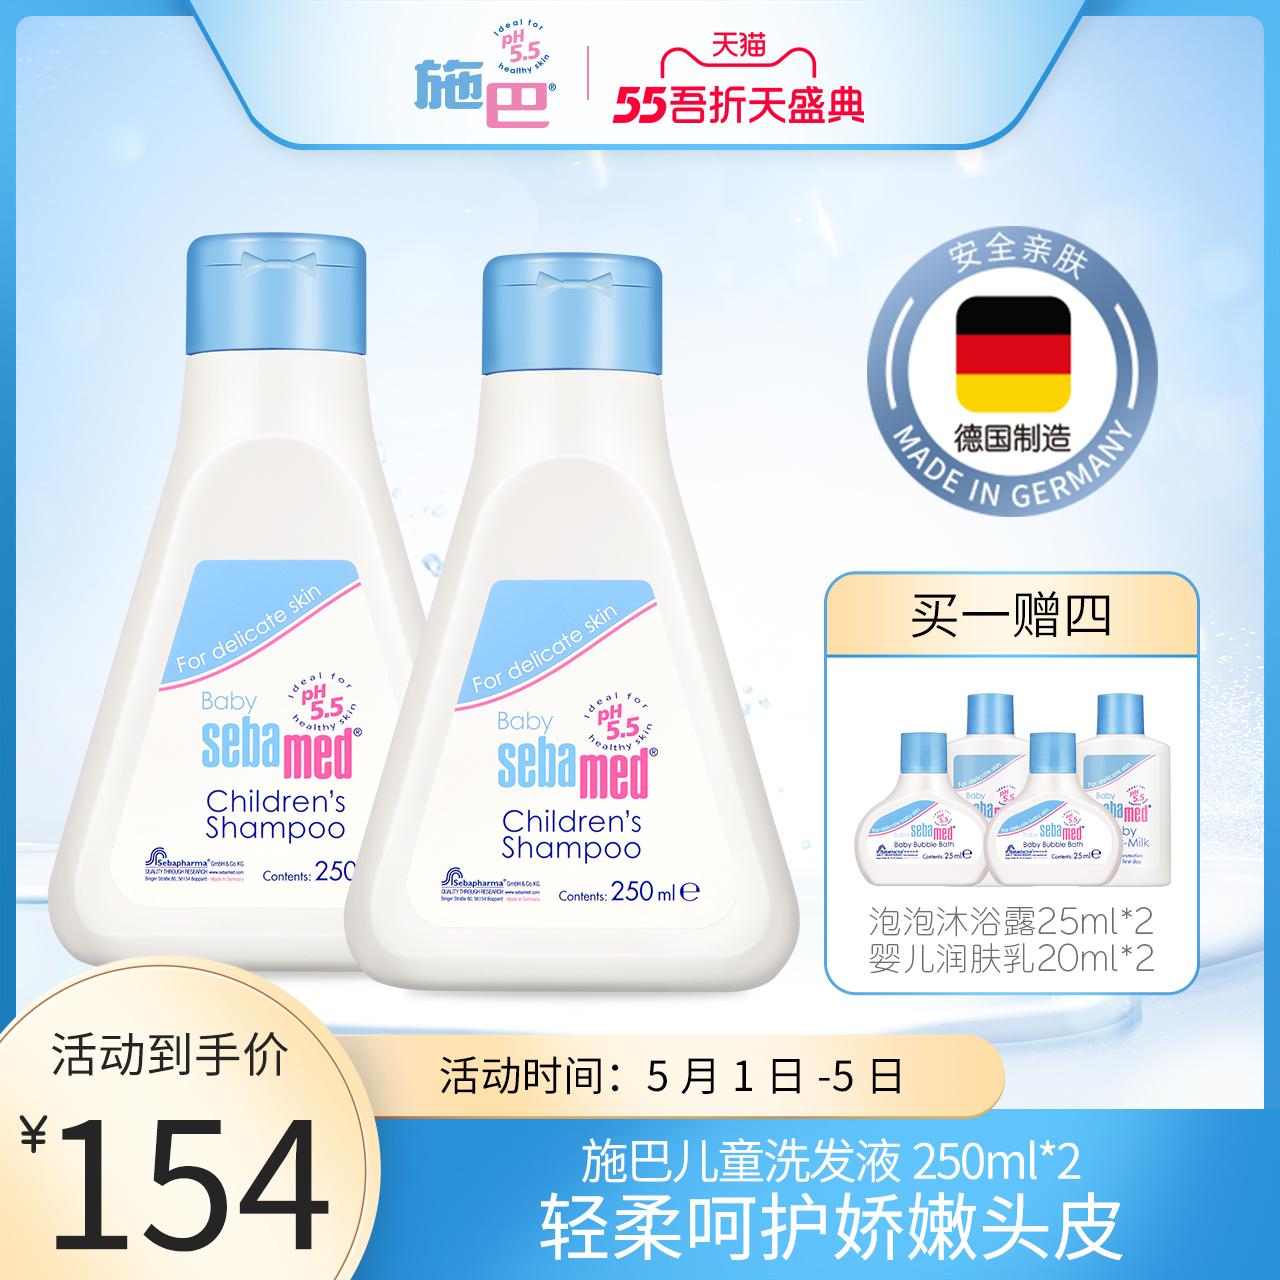 施巴德国进口婴儿童洗发水250ml*2 正品0-10岁 宝宝温和无泪洗发